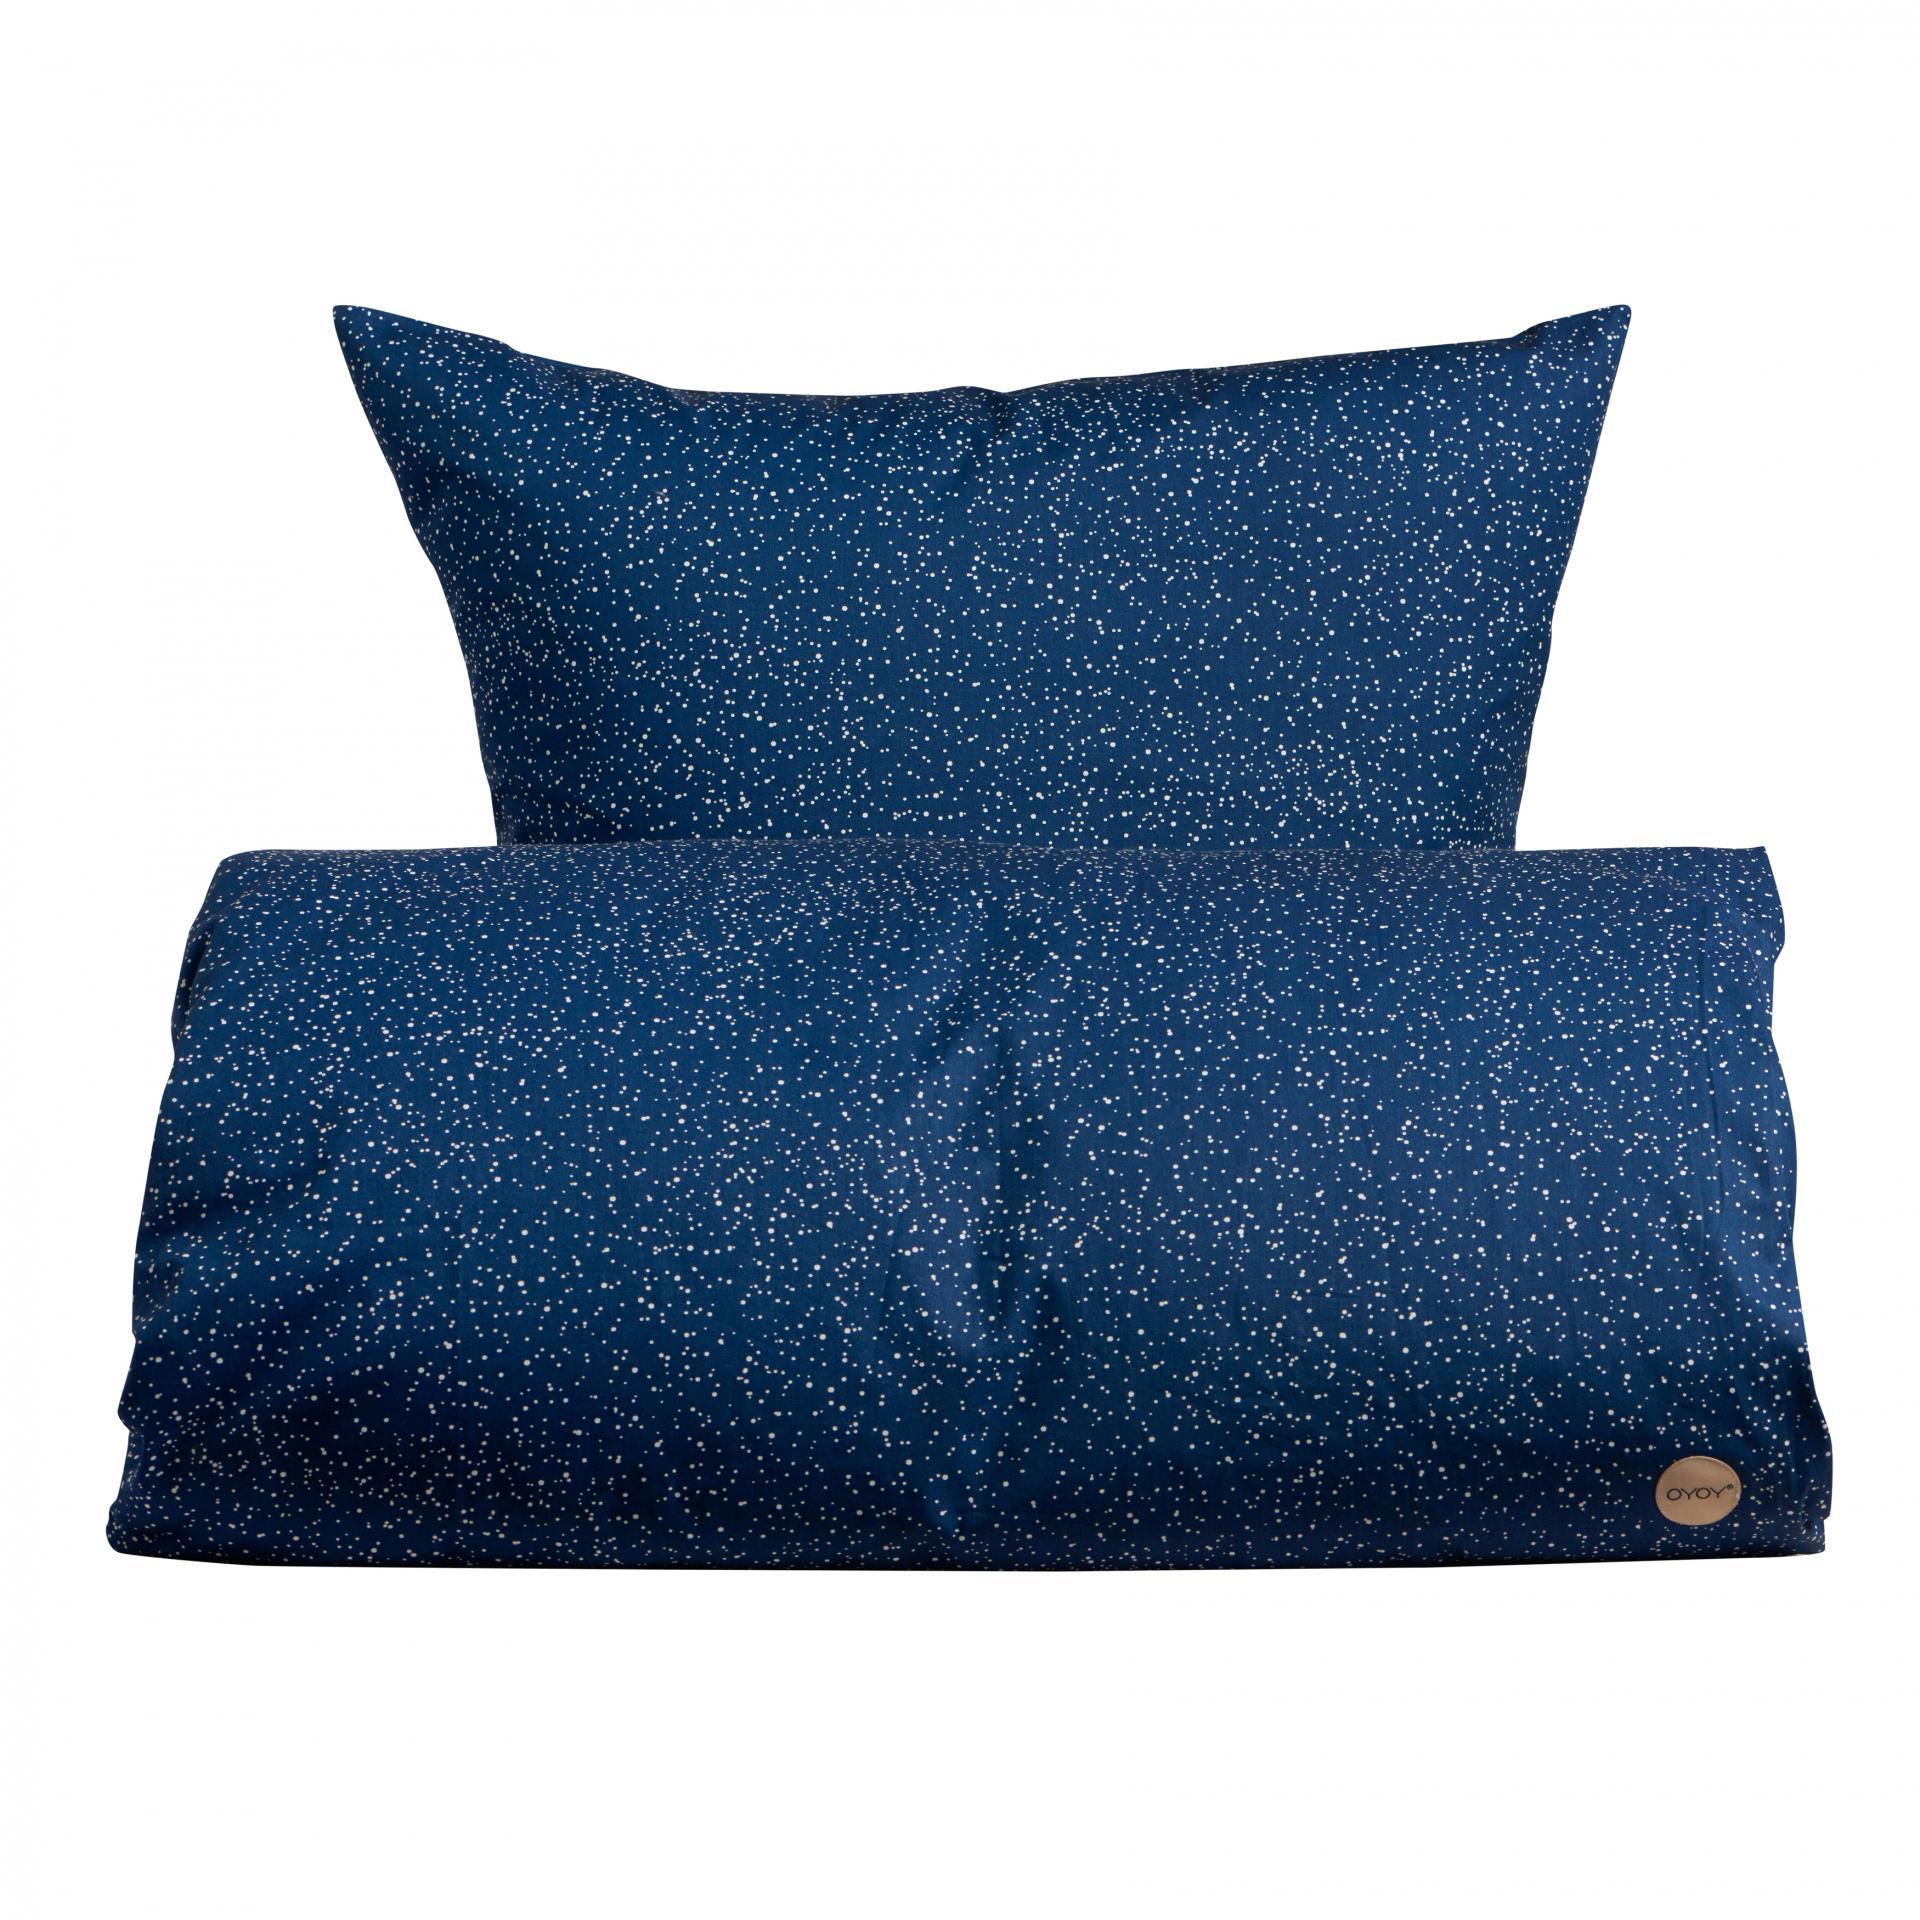 OYOY Povlečení pro miminka Starry Blue 70x100 cm, modrá barva, textil